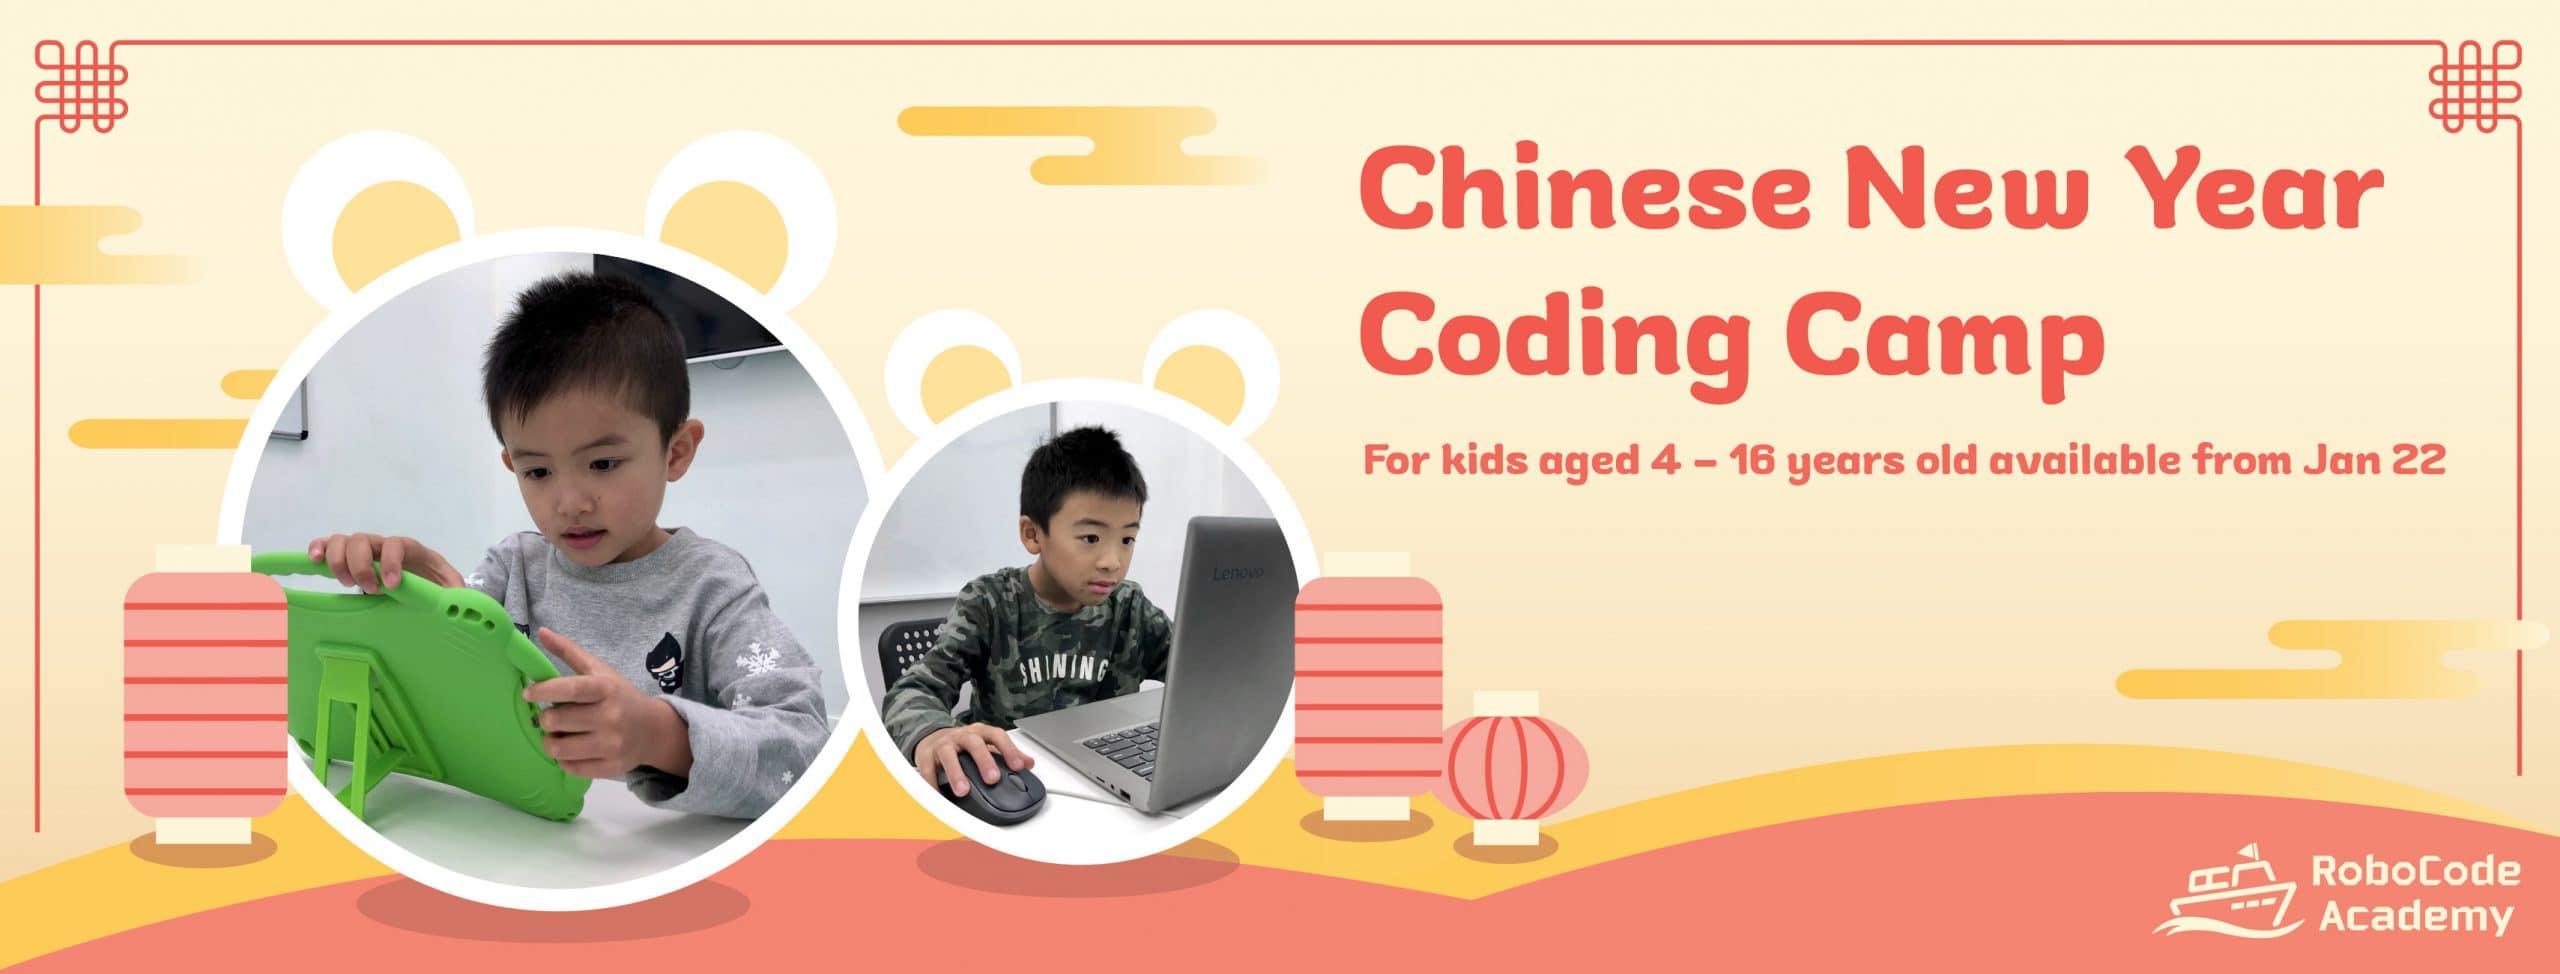 STEM CNY Coding Camp